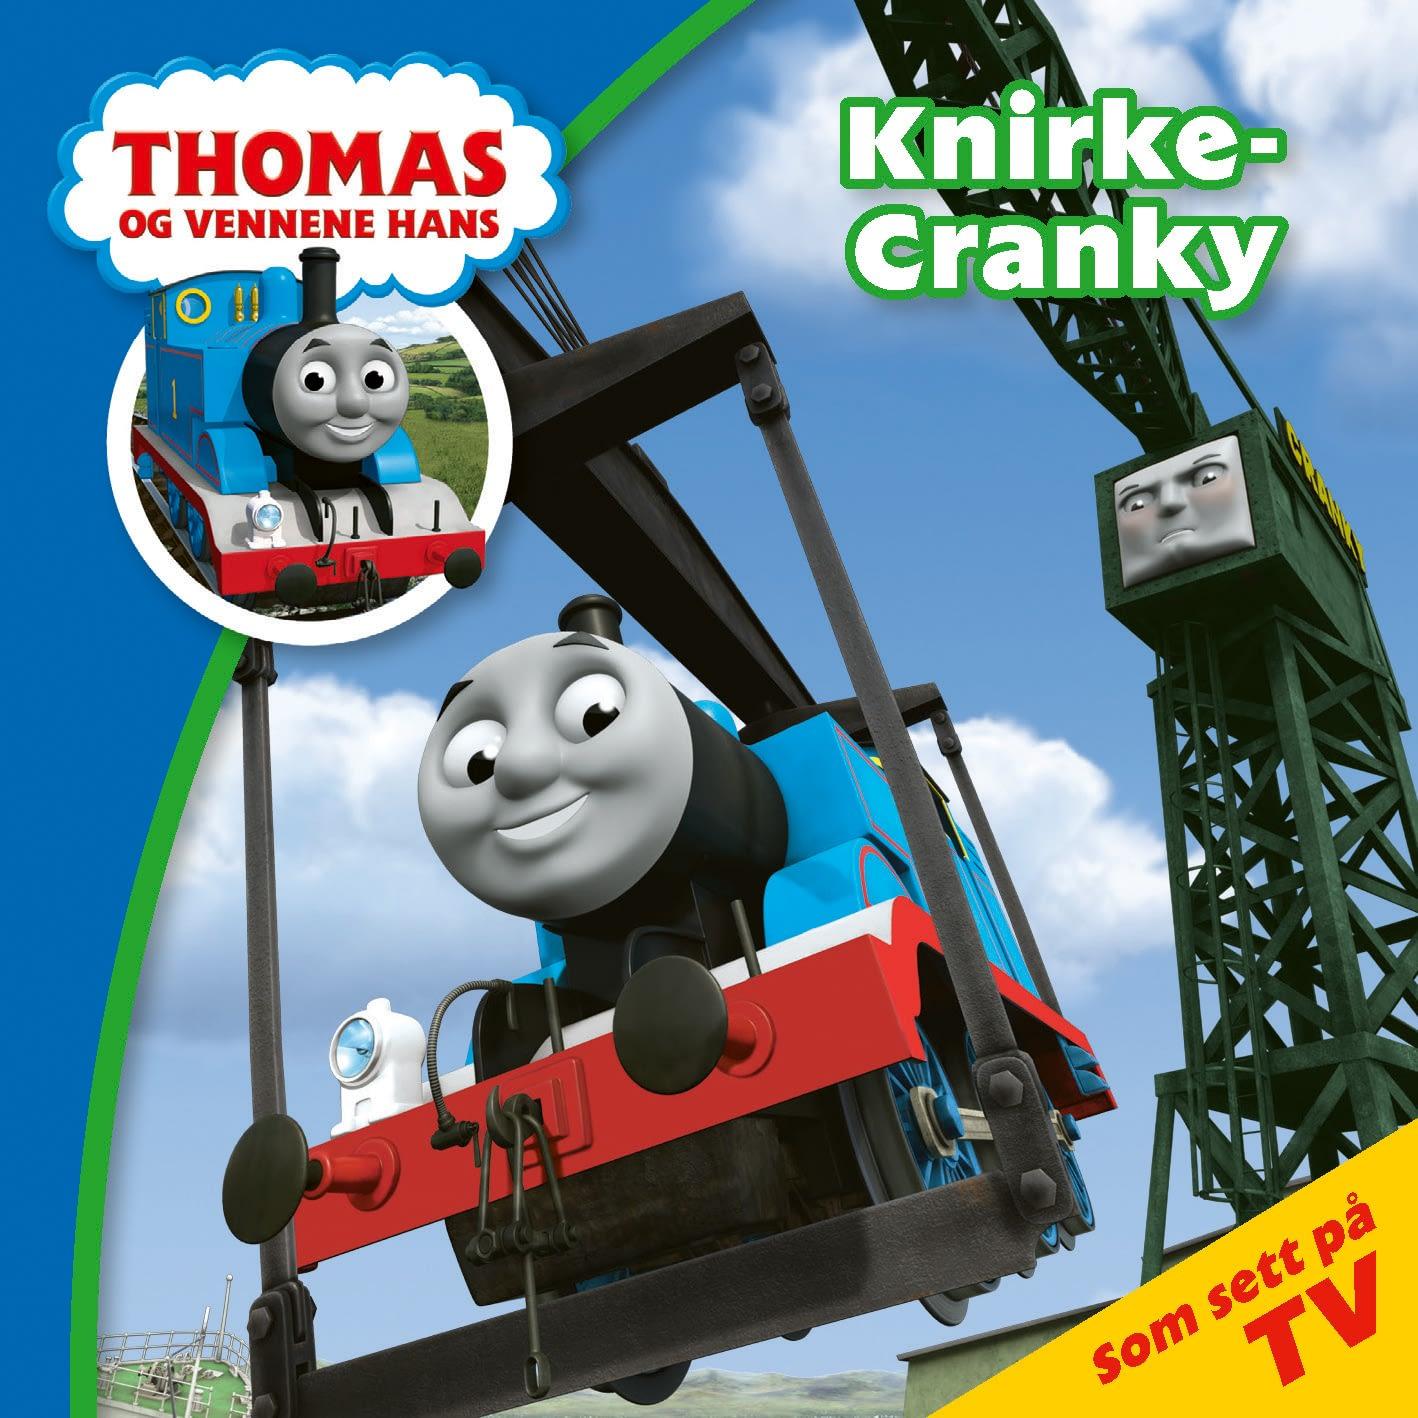 Knirke-Cranky